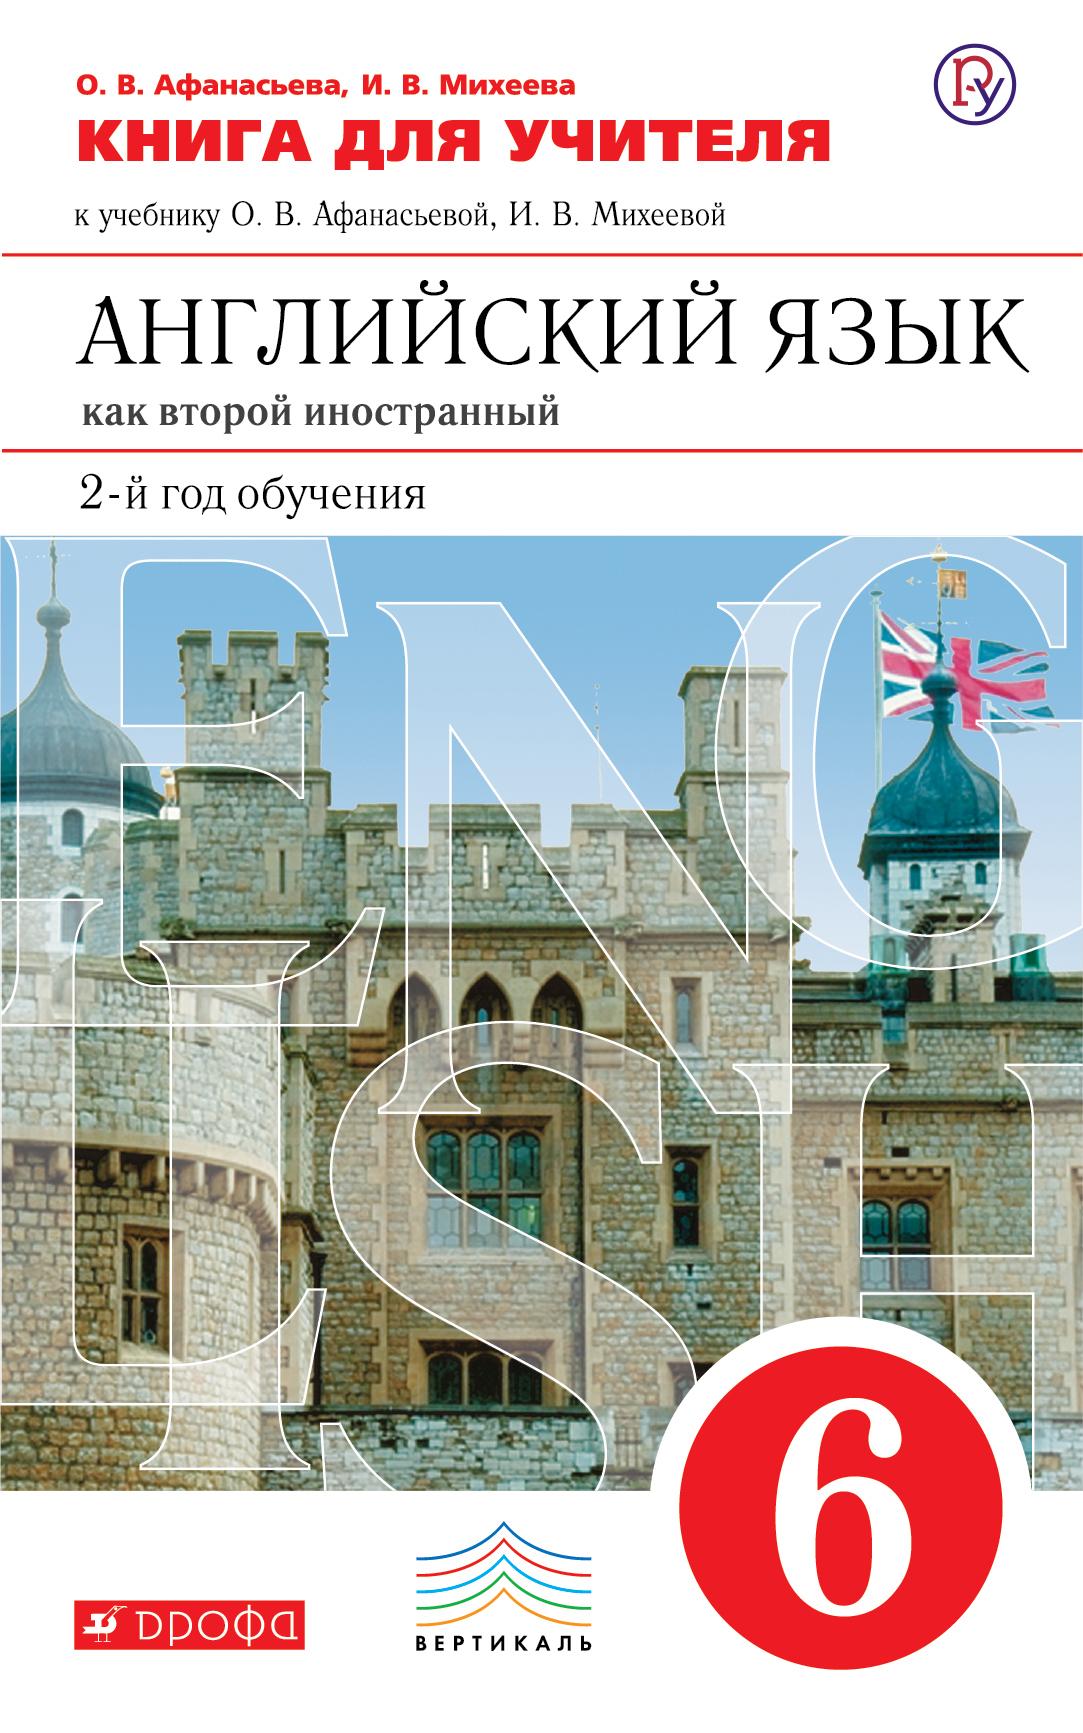 Английский язык как второй иностранный: второй год обучения. 6 класс. Книга для учителя ( Афанасьева О.В., Михеева И.В.  )